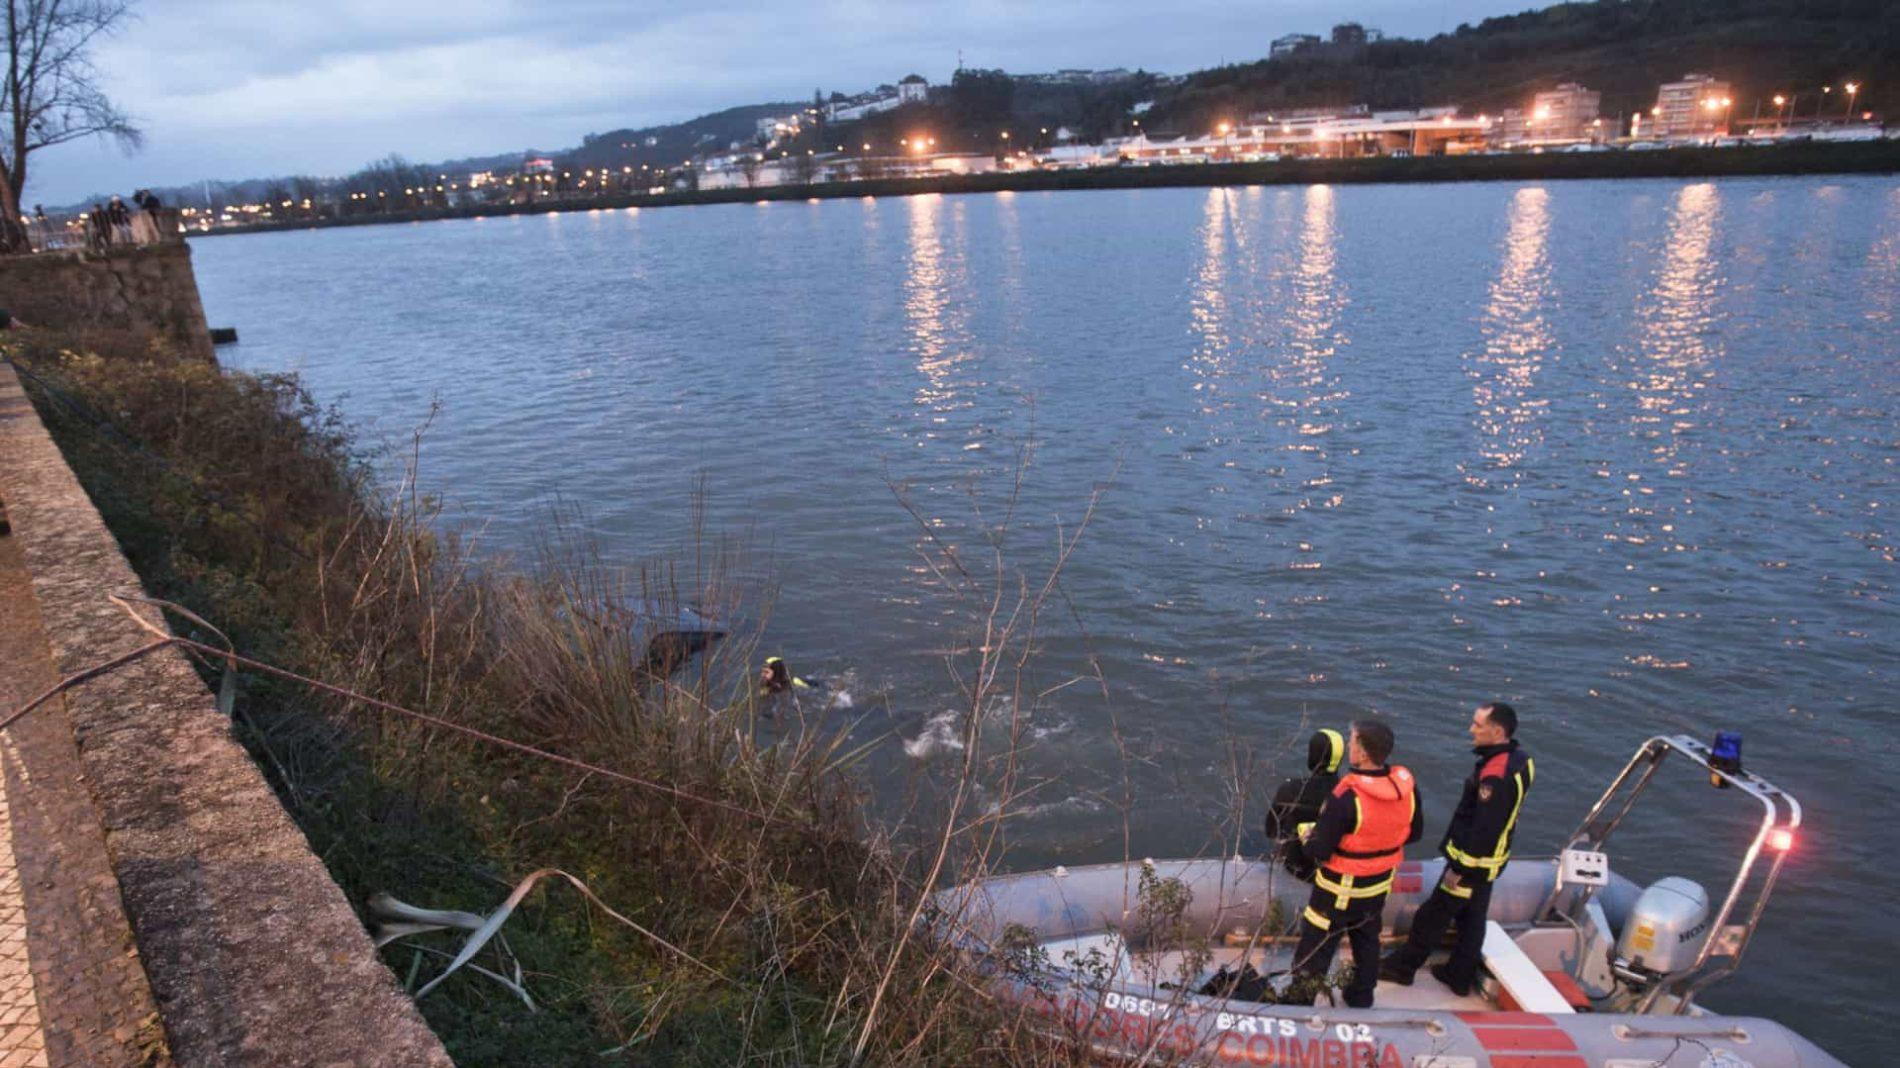 Coimbra: Homem encontrado sem vida no rio Mondego